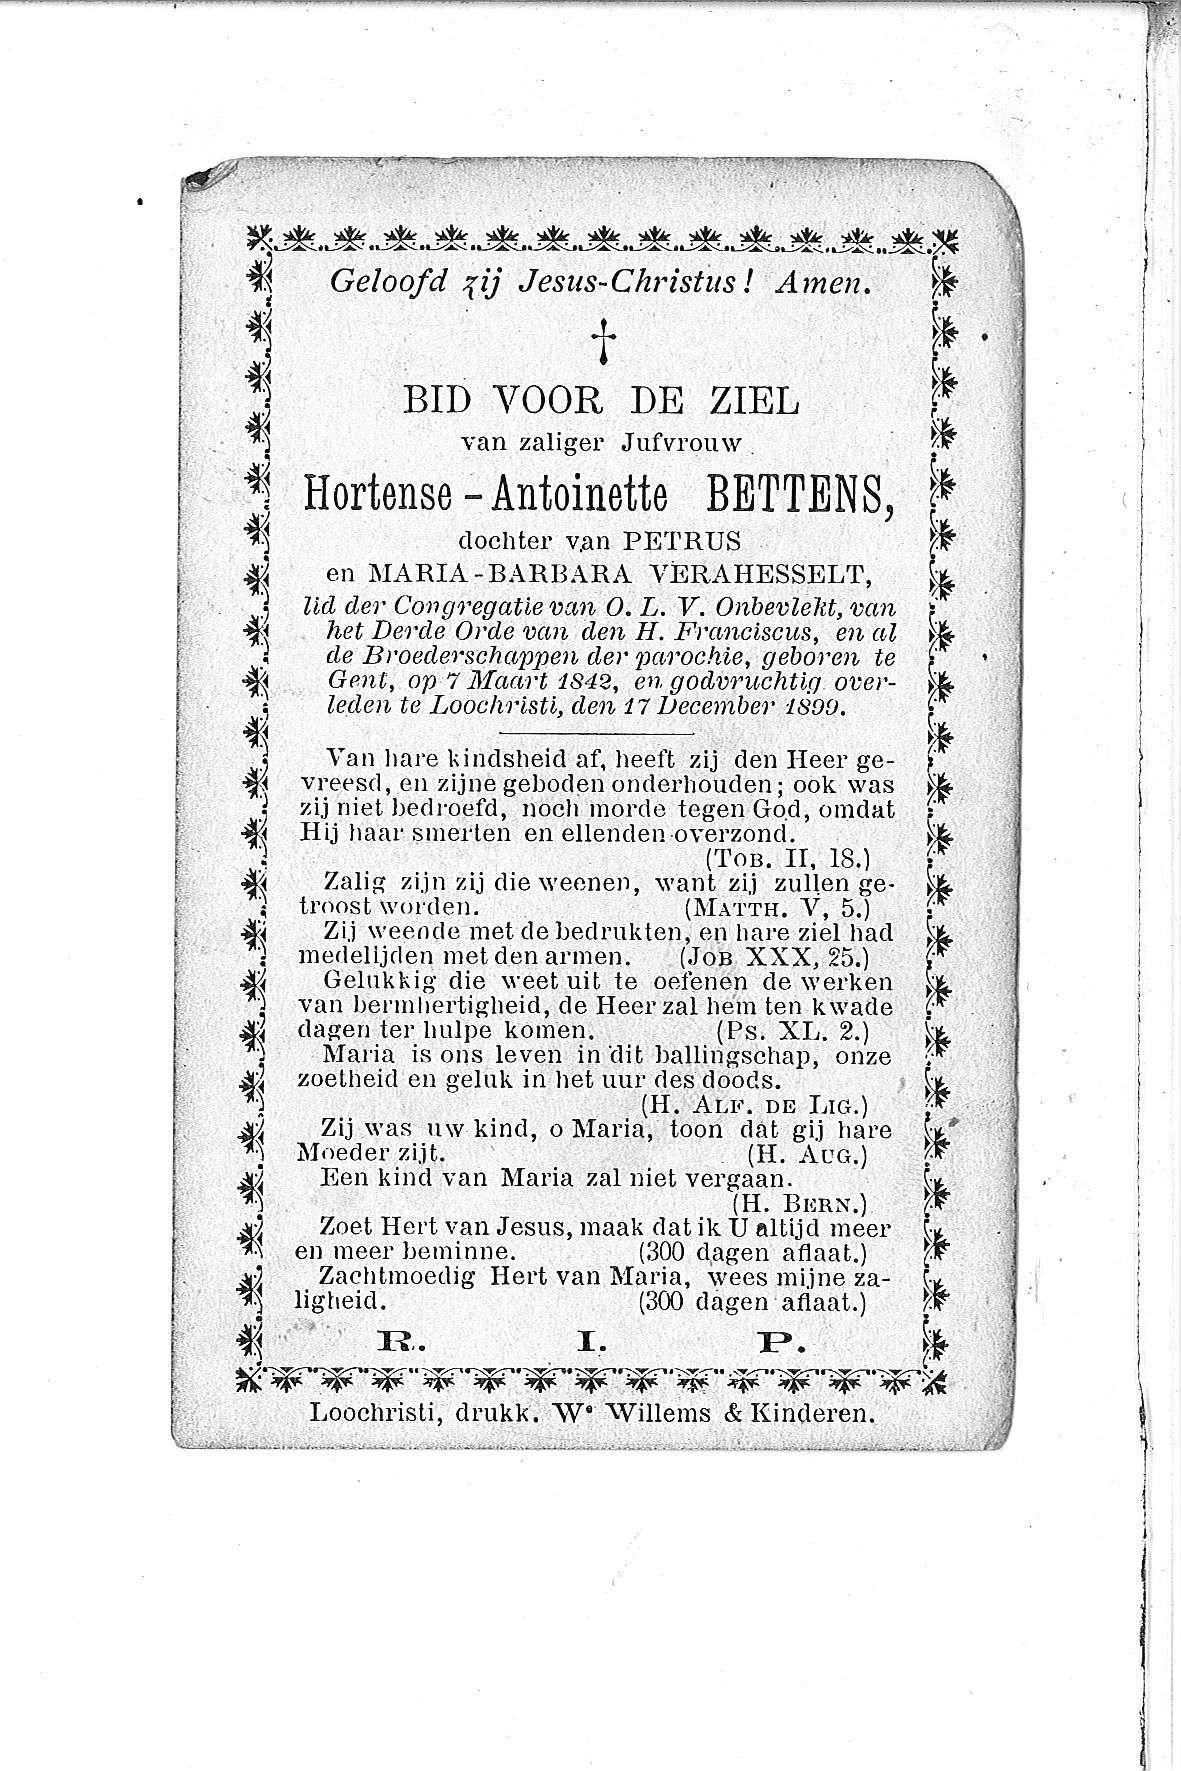 Hortense-Antoinette(1899)20110204143043_00021.jpg